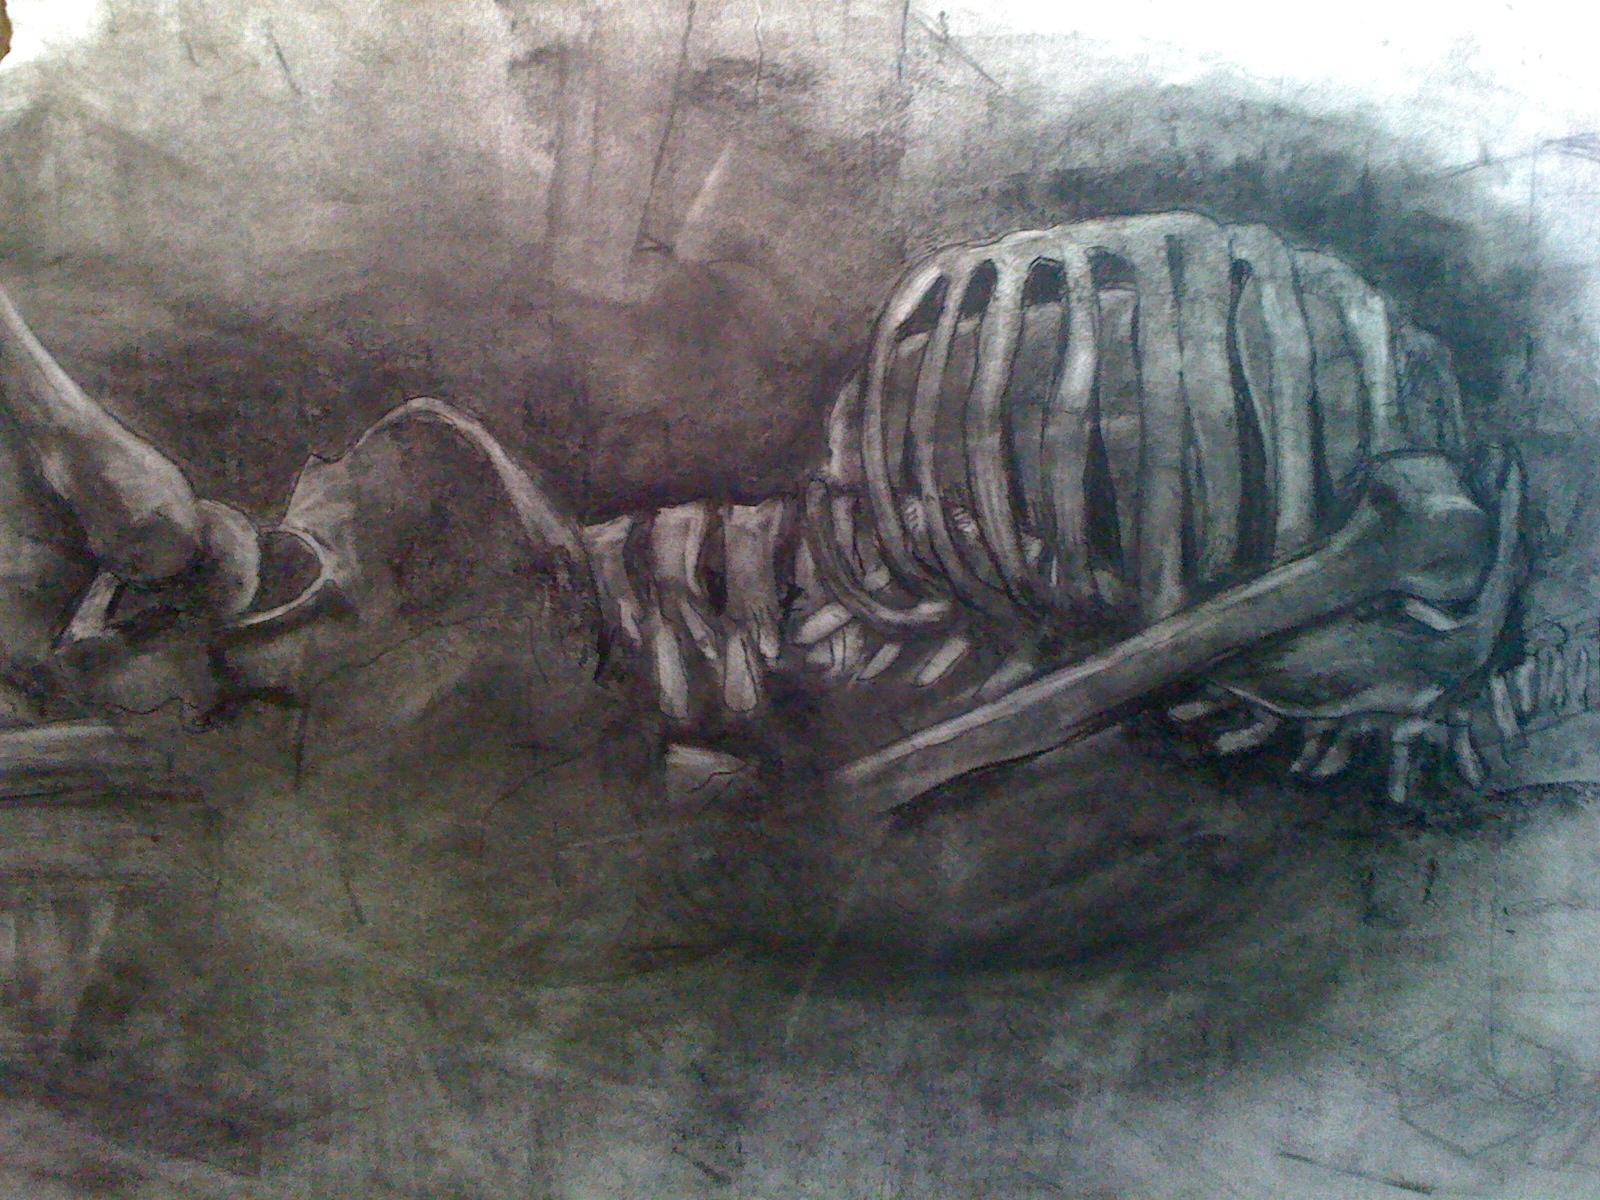 skeletal study 2